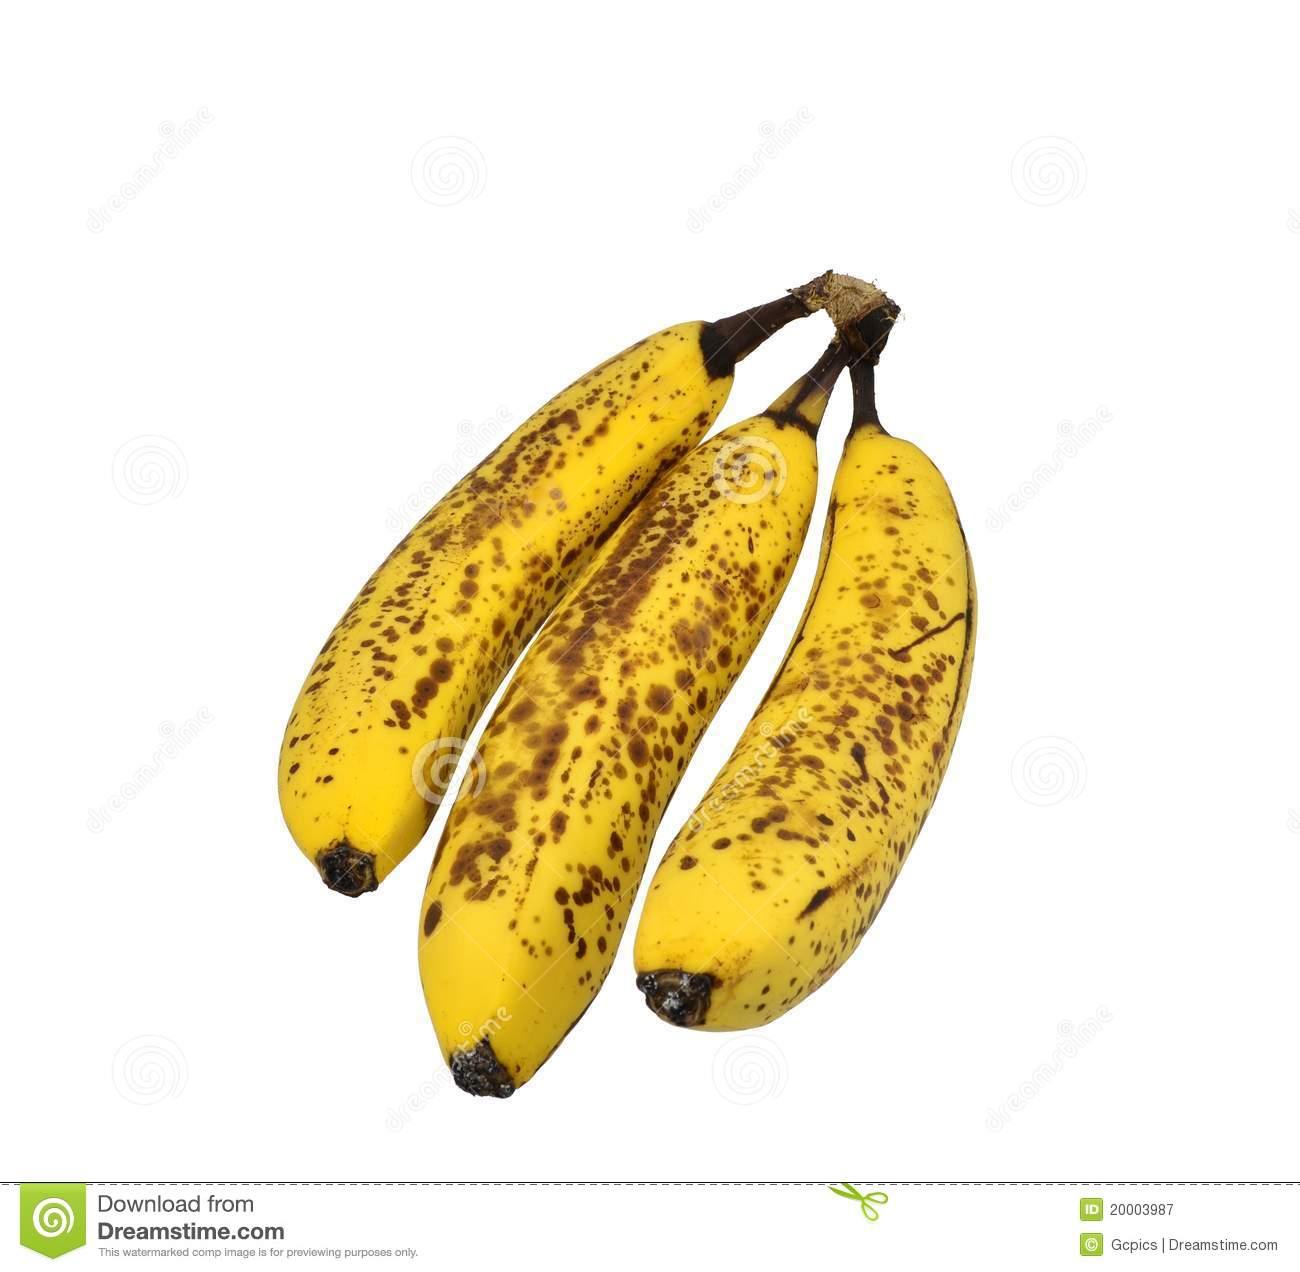 Ripe banana clipart.